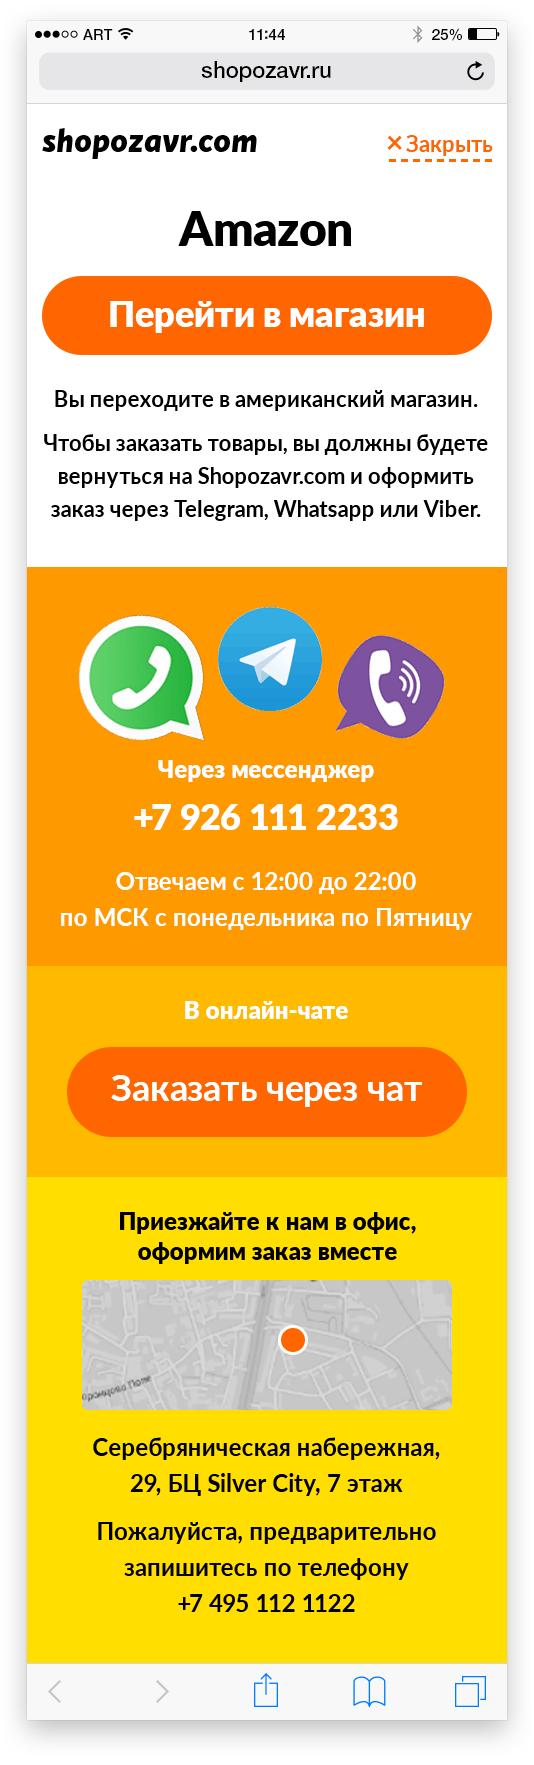 Мобильный лендинг Shopozavr Сайт Артура Нецветаева — сайты, приложения, прототипы и оформление интерфейсов browser popup